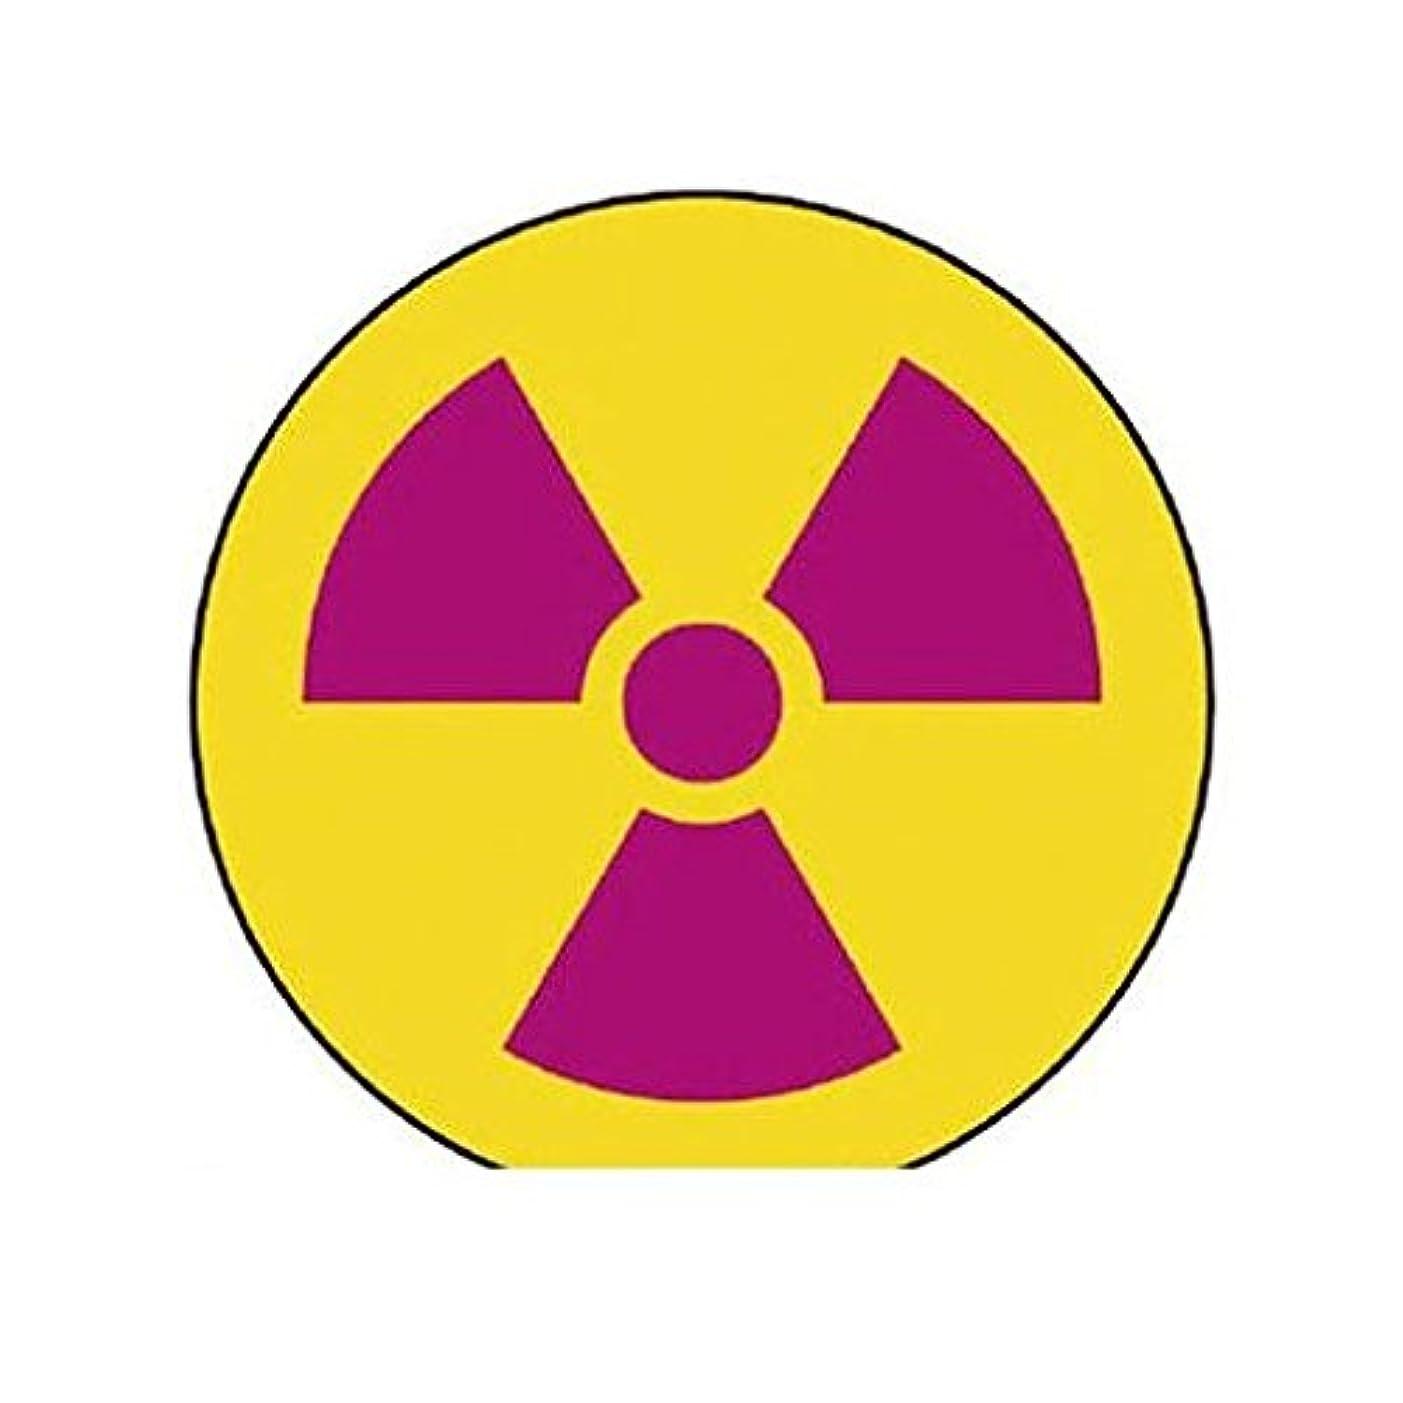 罪人発掘する最終的にCU54945 ステッカー 放射能マーク?10枚組?100Ф